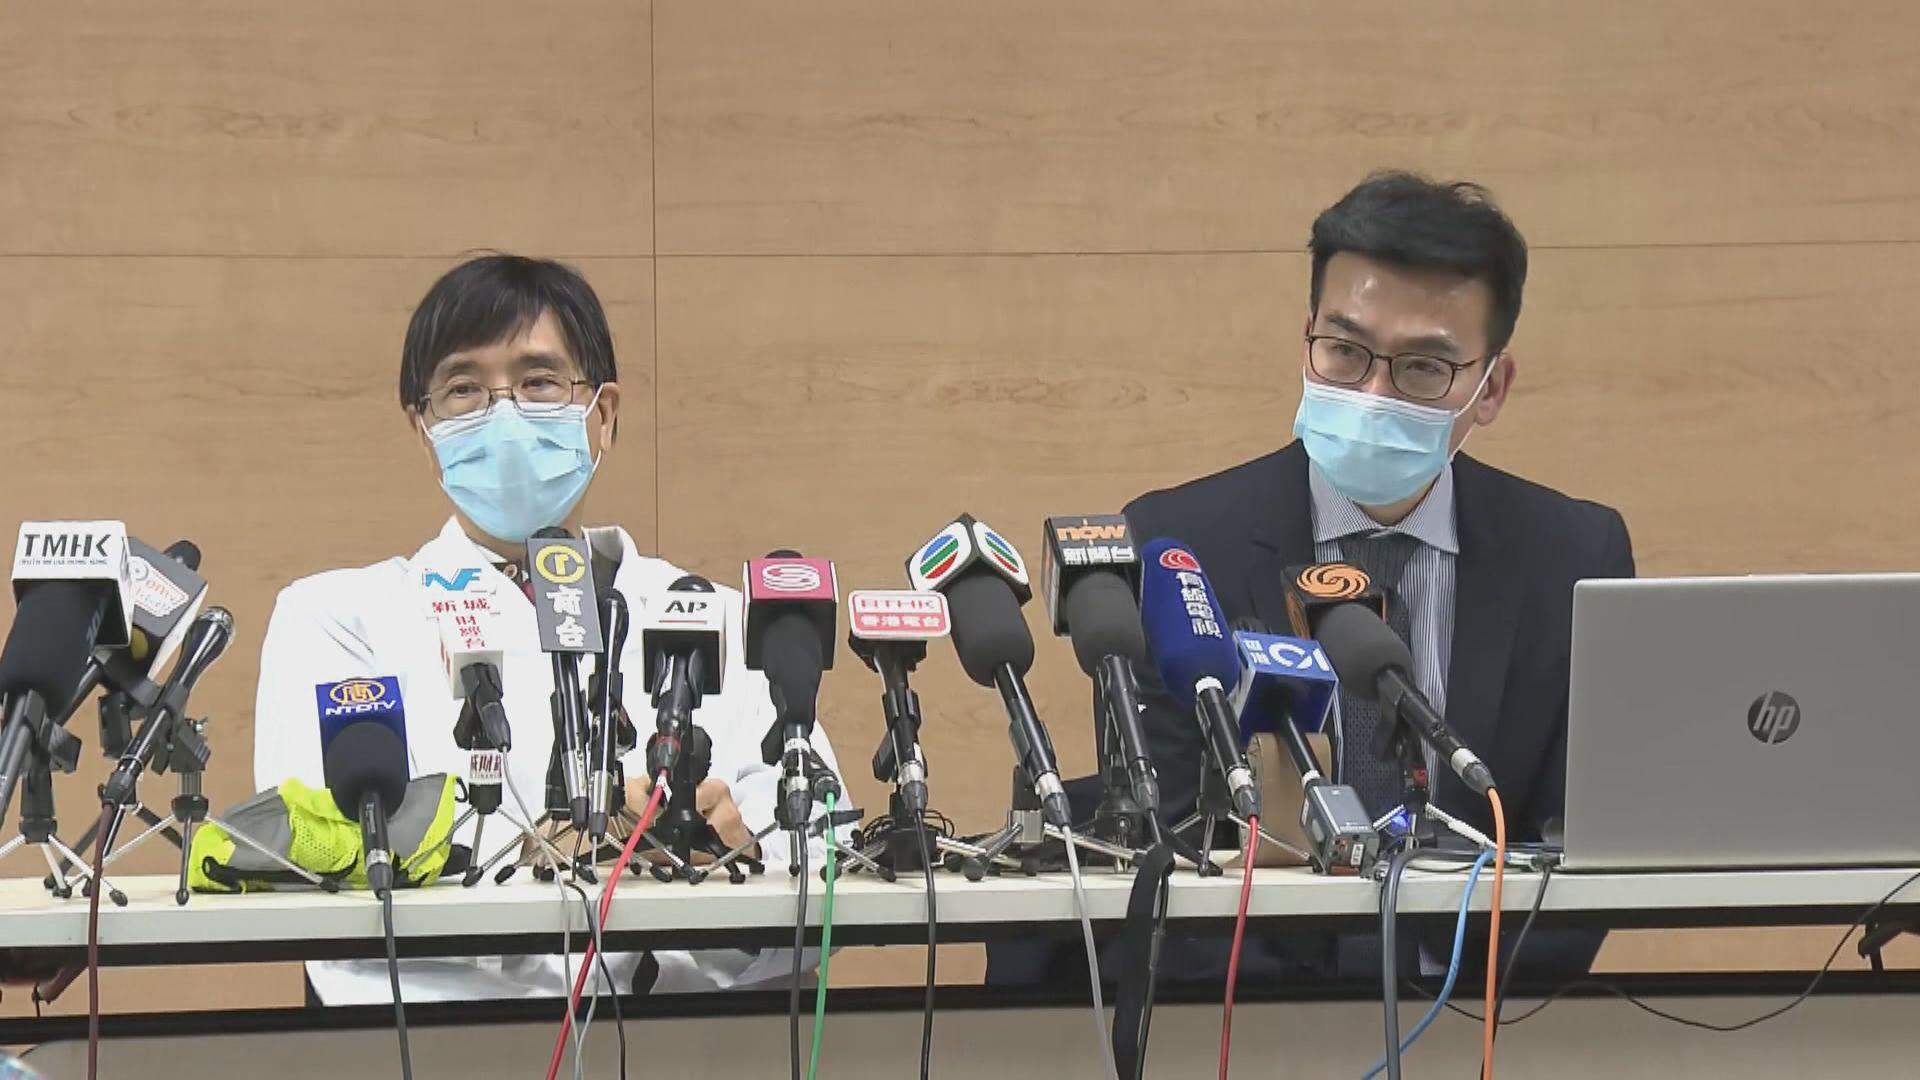 醫管局指採購的外科口罩足夠預防短時間接觸病人